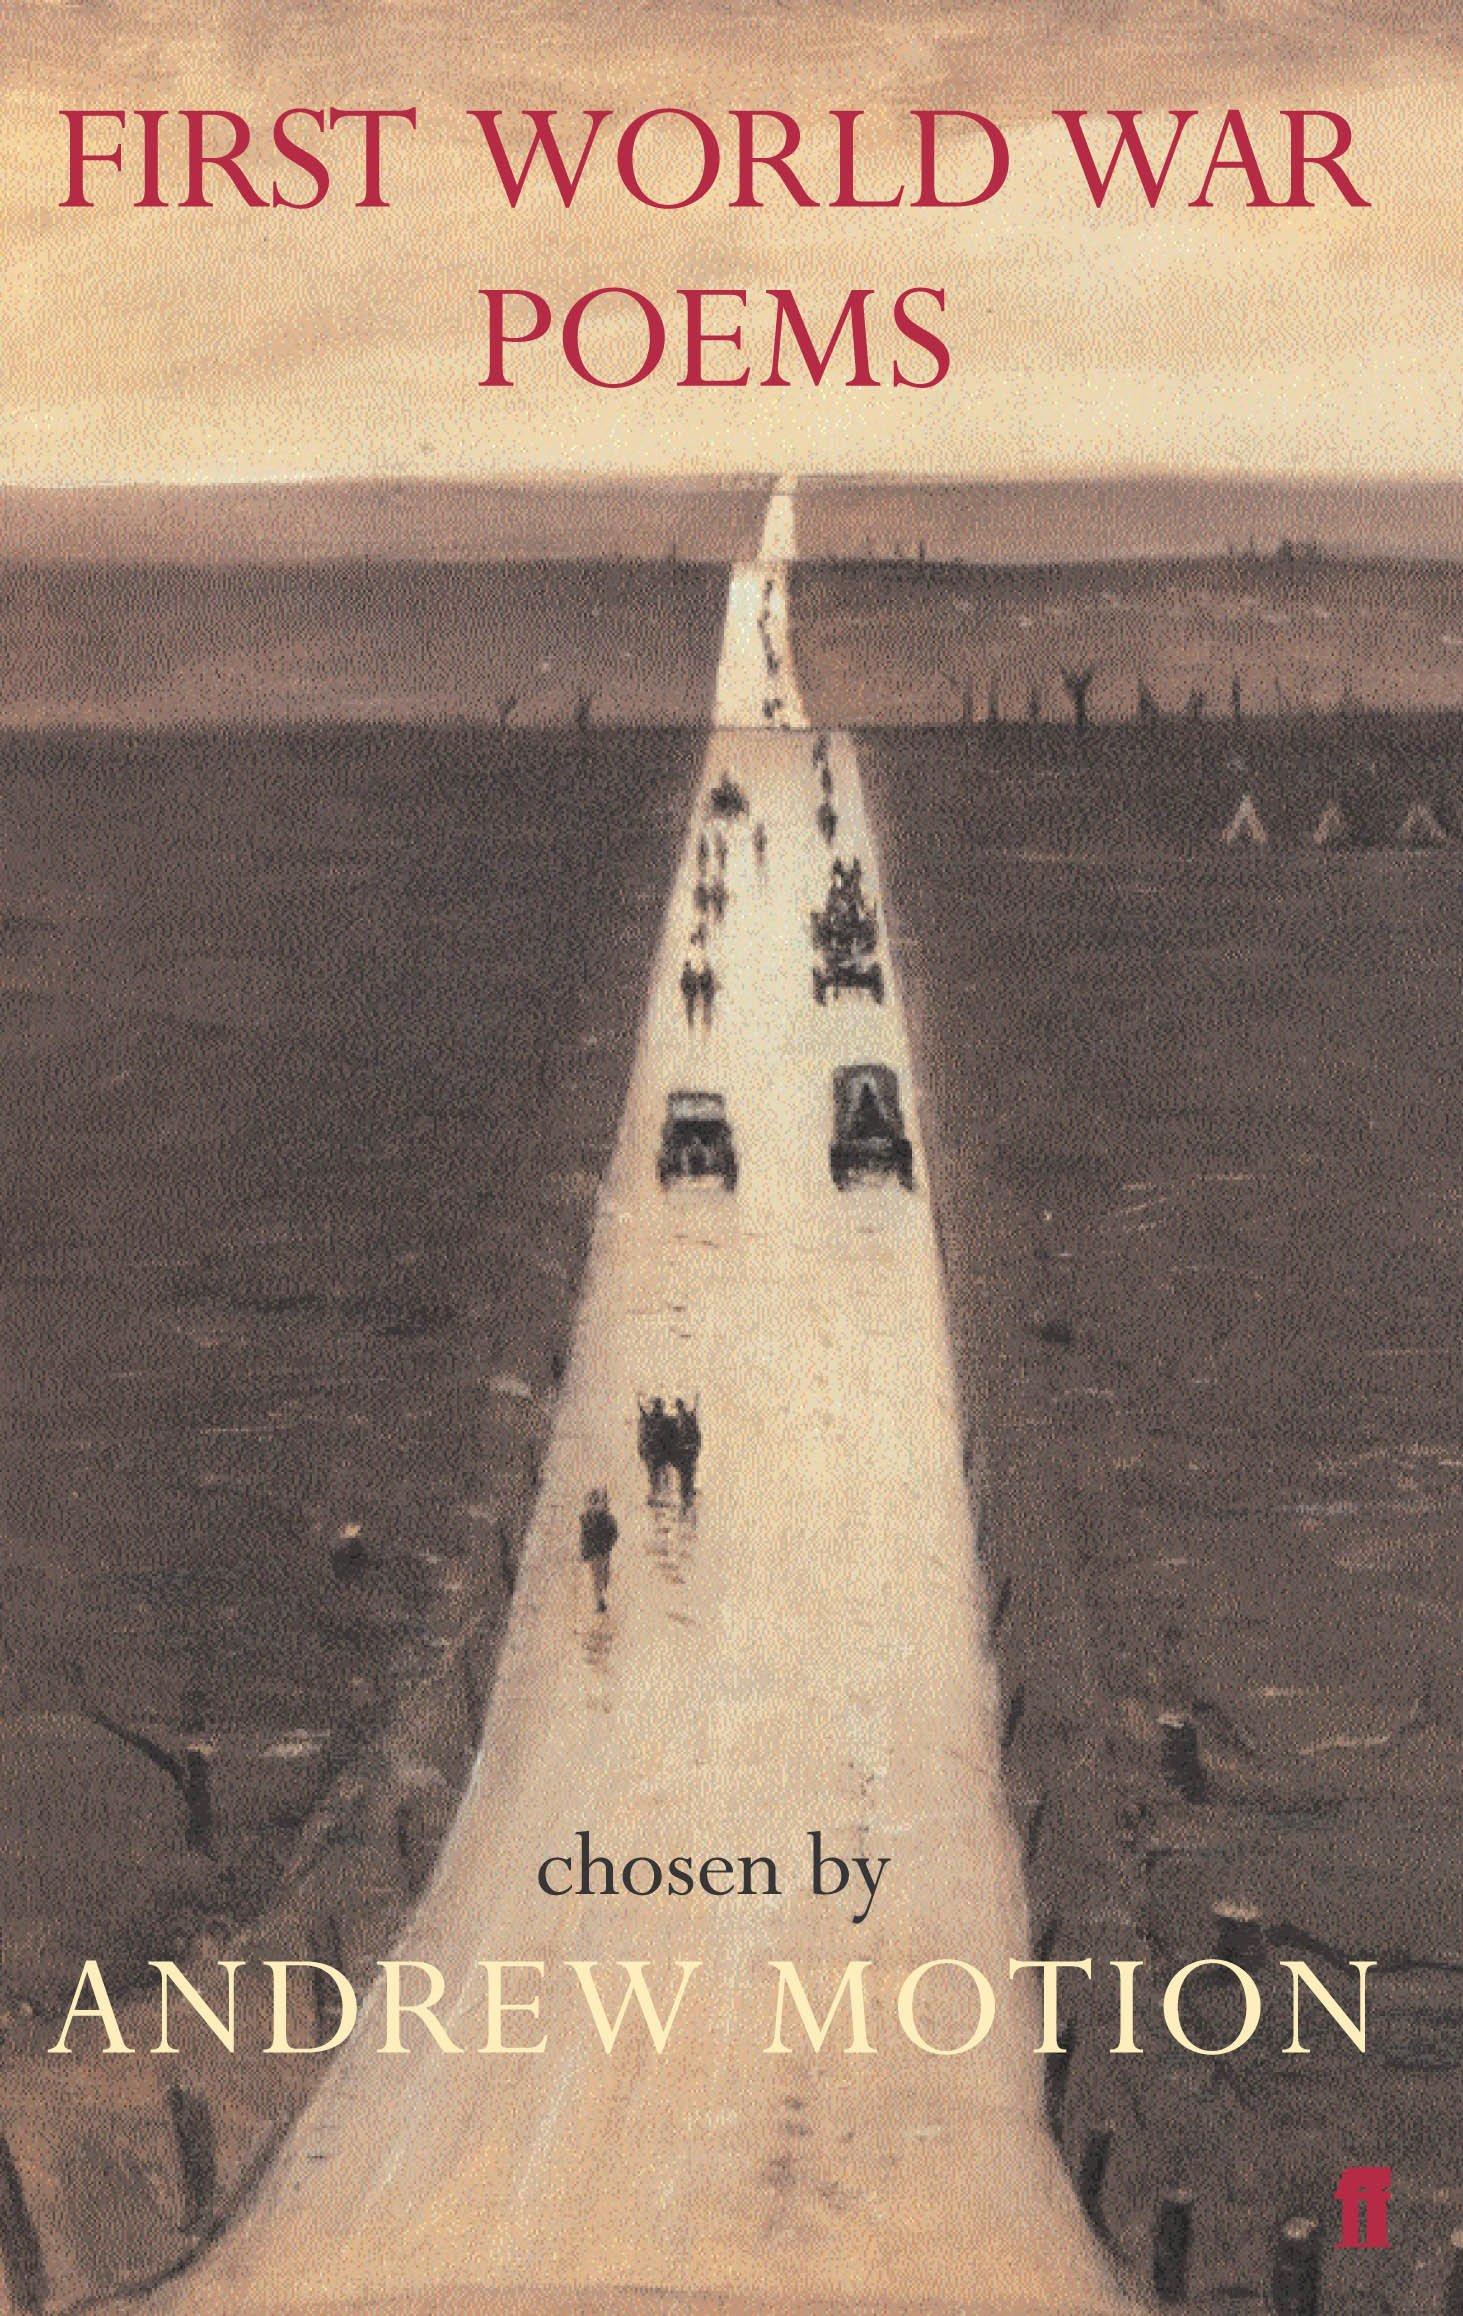 First World War Poems ebook